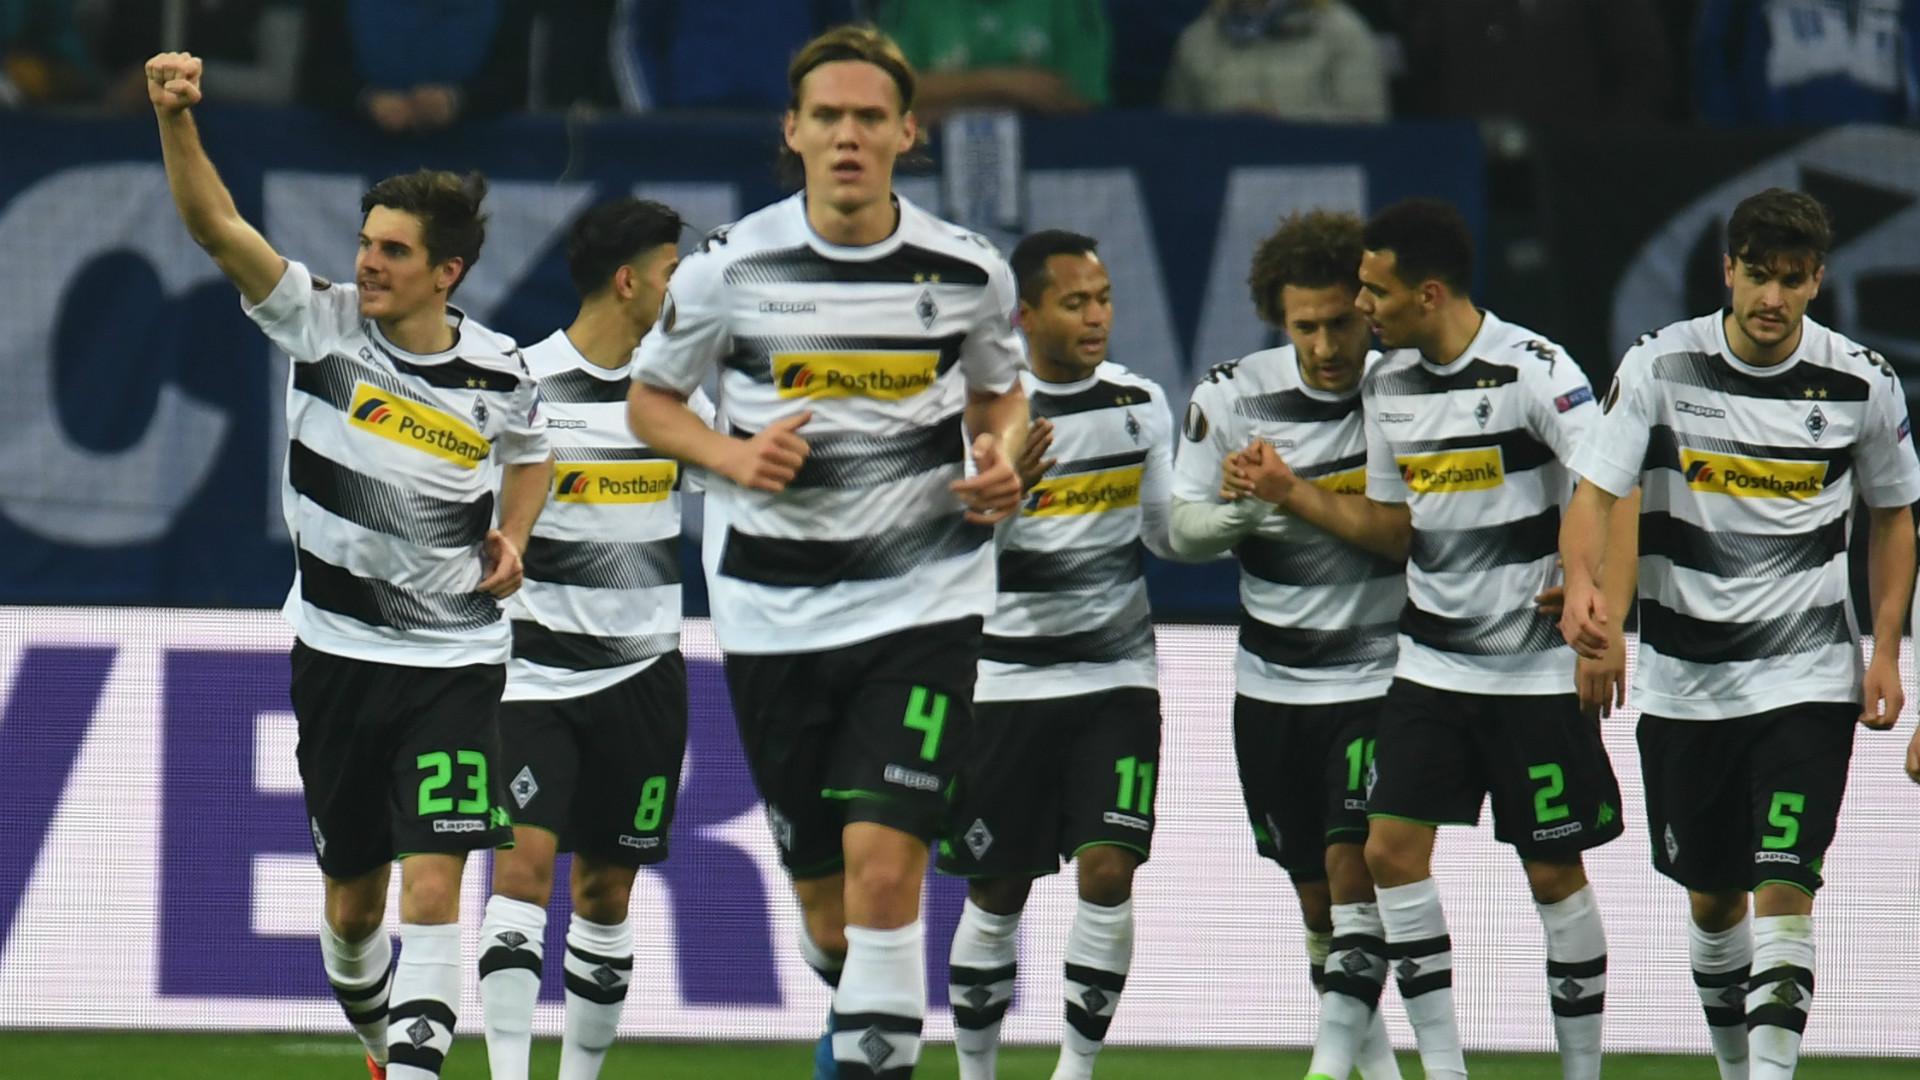 Borussia Monchengladbach